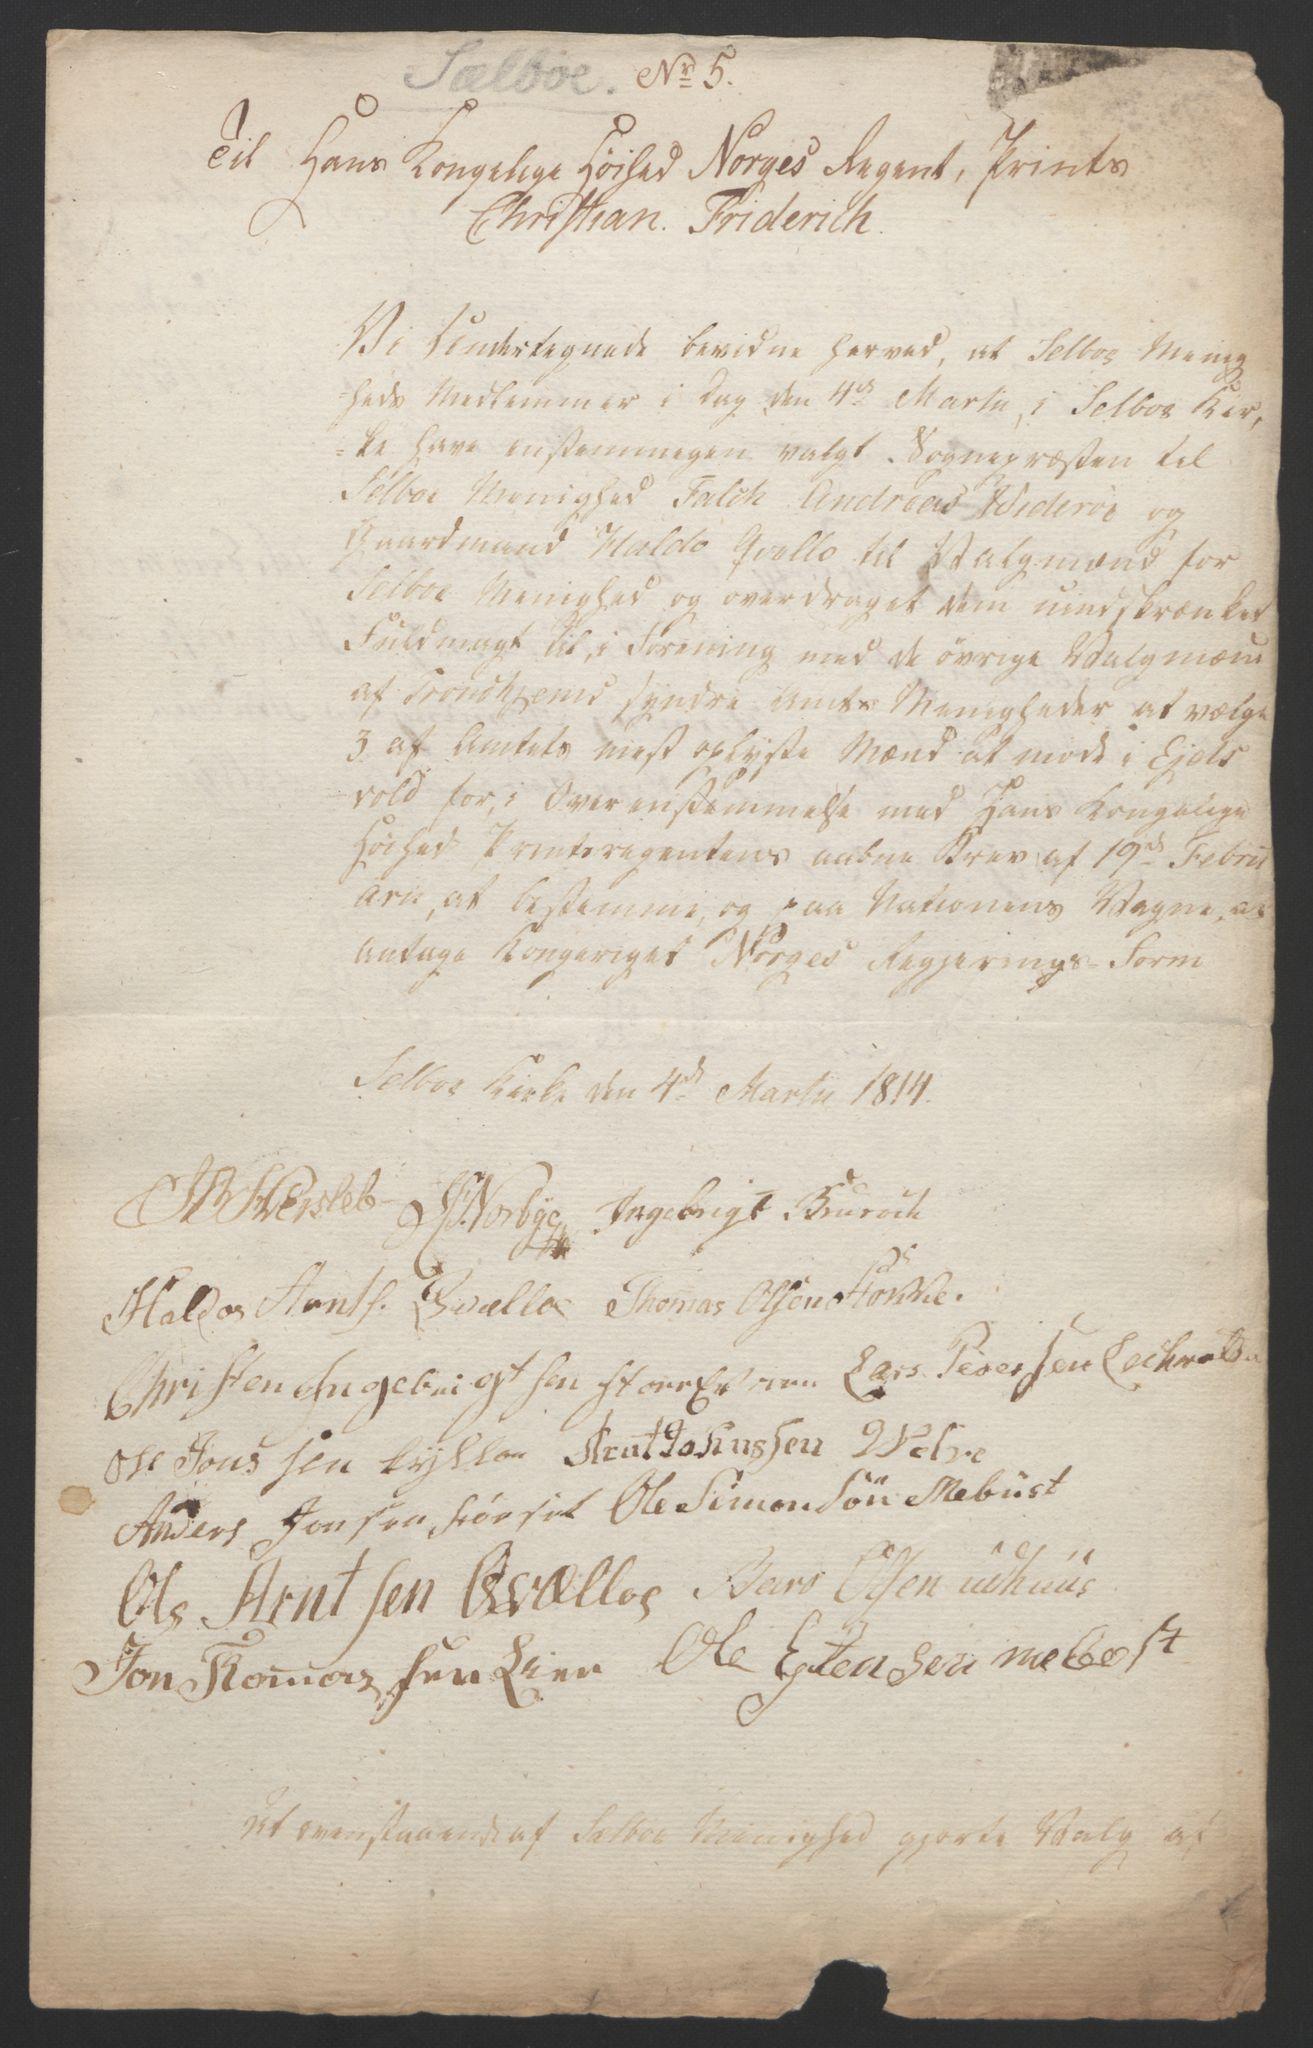 RA, Statsrådssekretariatet, D/Db/L0008: Fullmakter for Eidsvollsrepresentantene i 1814. , 1814, s. 451